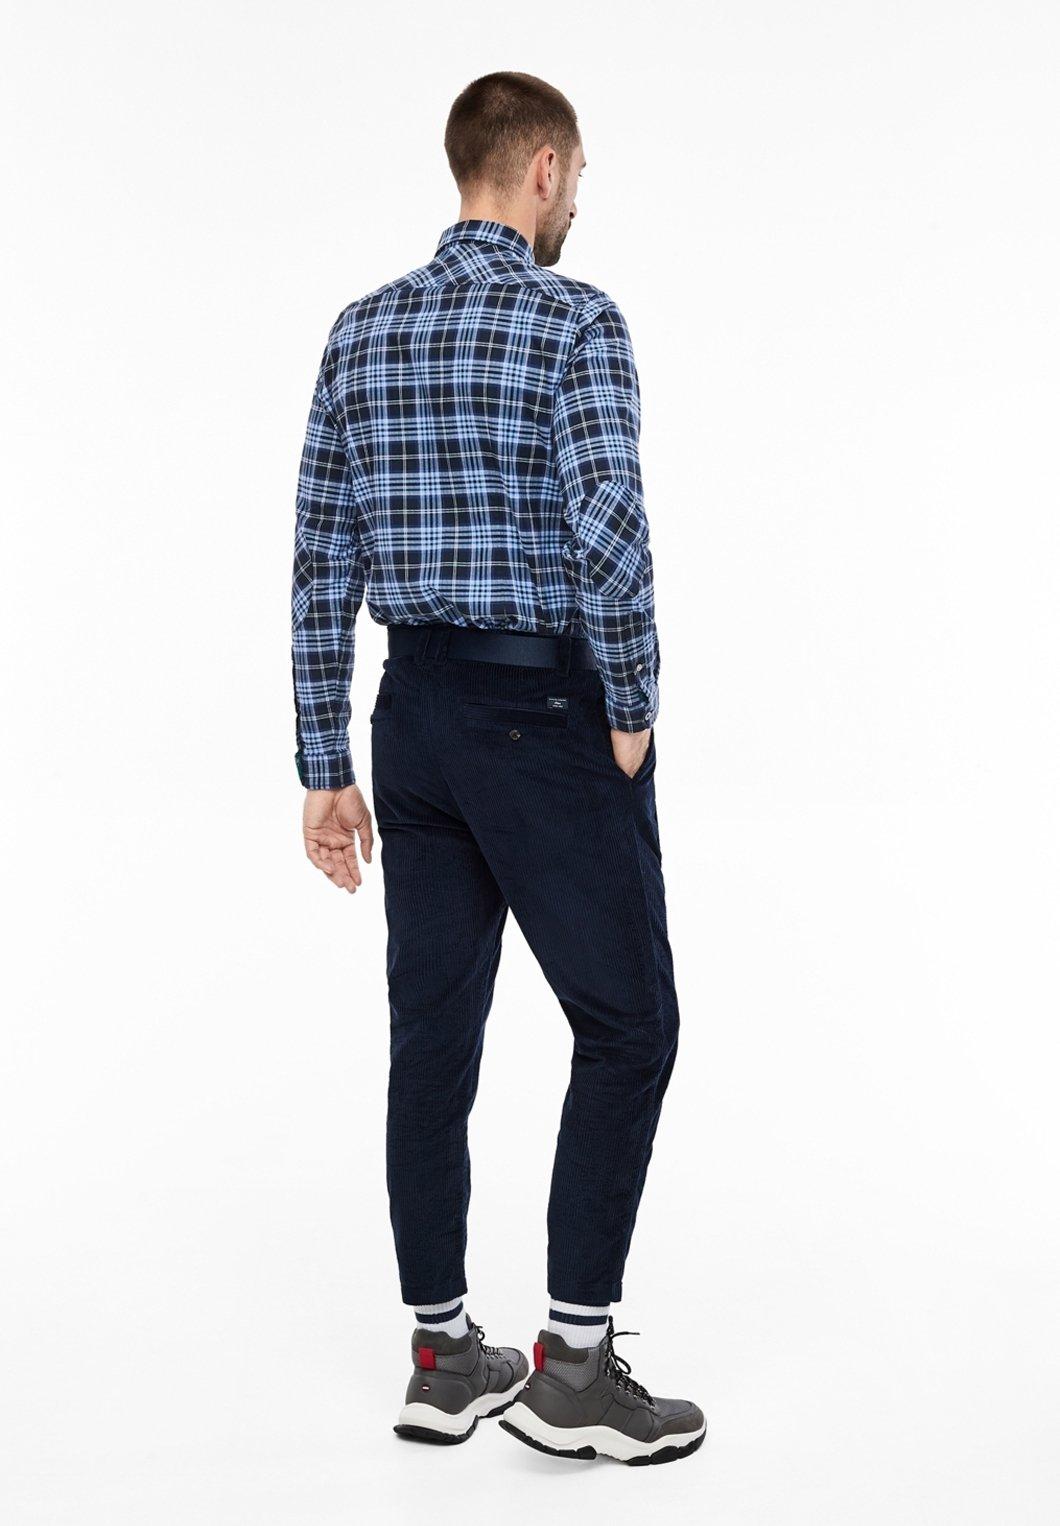 s.Oliver Overhemd - blue check  Heren Overhemden ESmTR